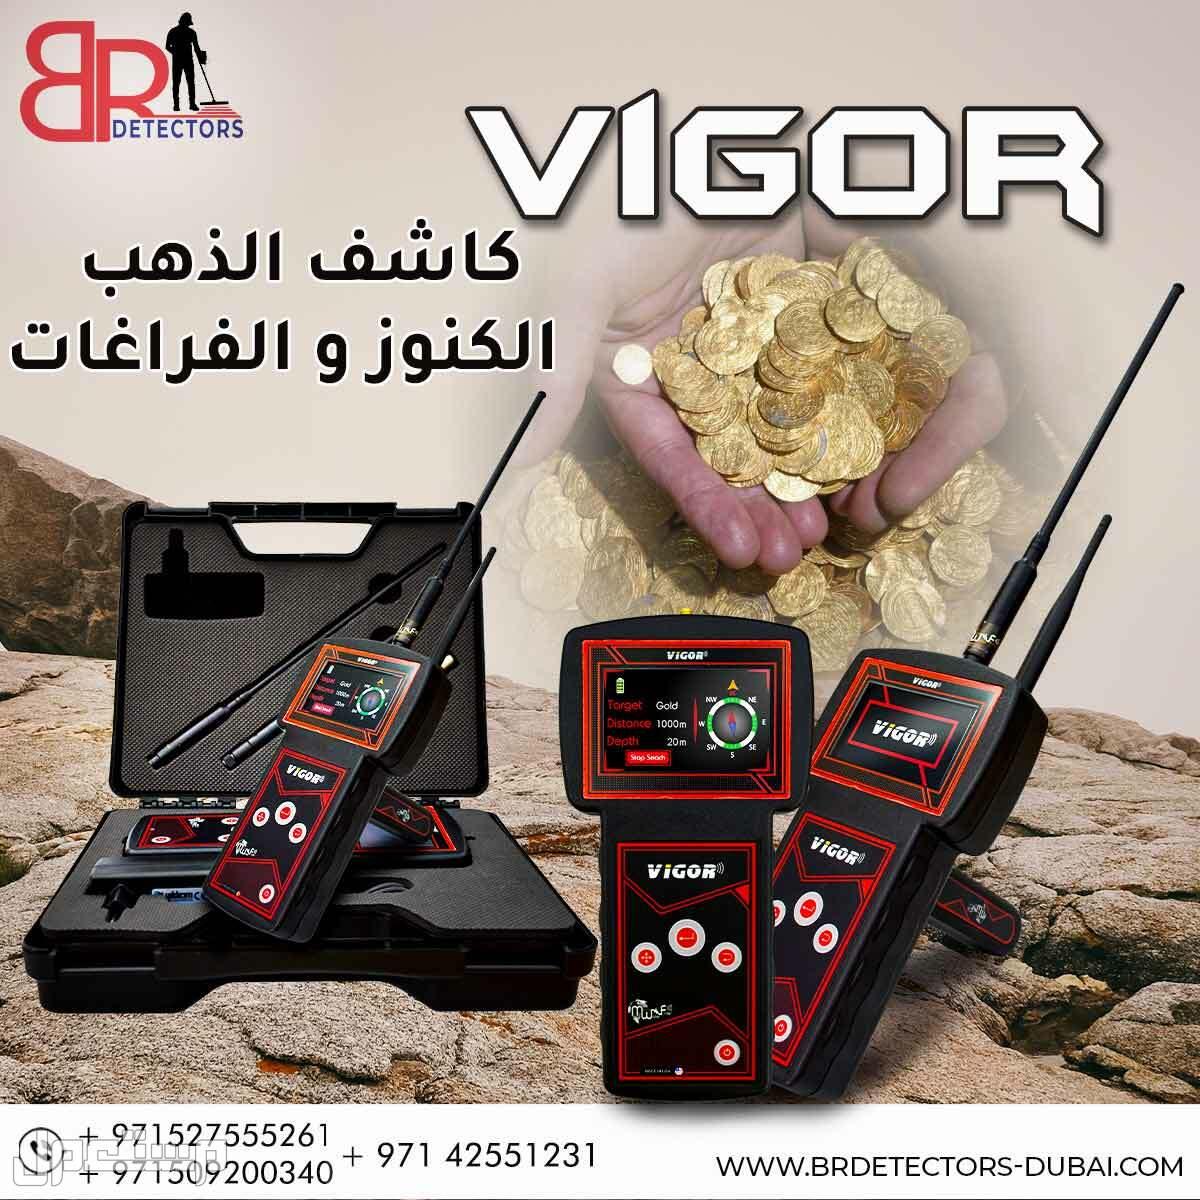 احدث جهاز كشف الذهب والمعادن VIGOR فيغور